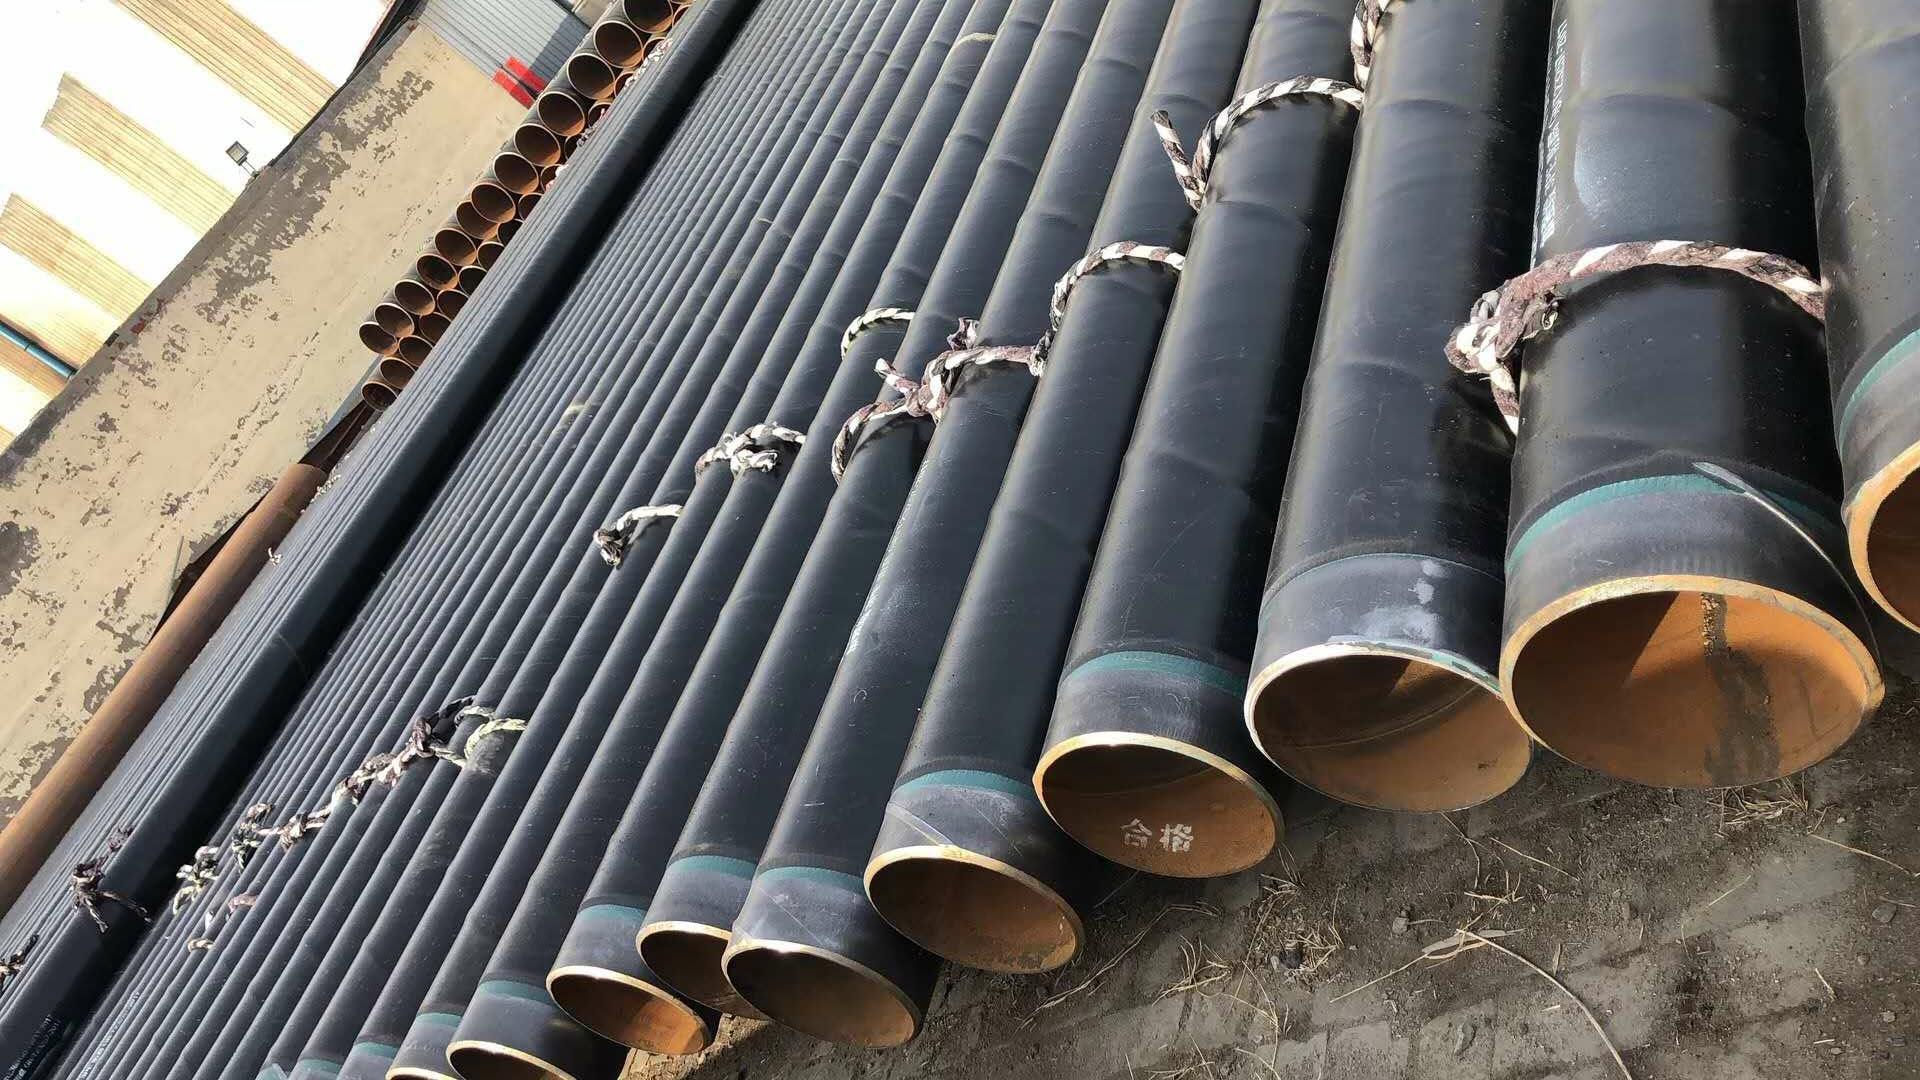 螺旋钢管 桥梁打桩用厚壁螺旋钢管 螺旋钢管一米价格 螺旋钢管价格  螺旋钢管厂家示例图11